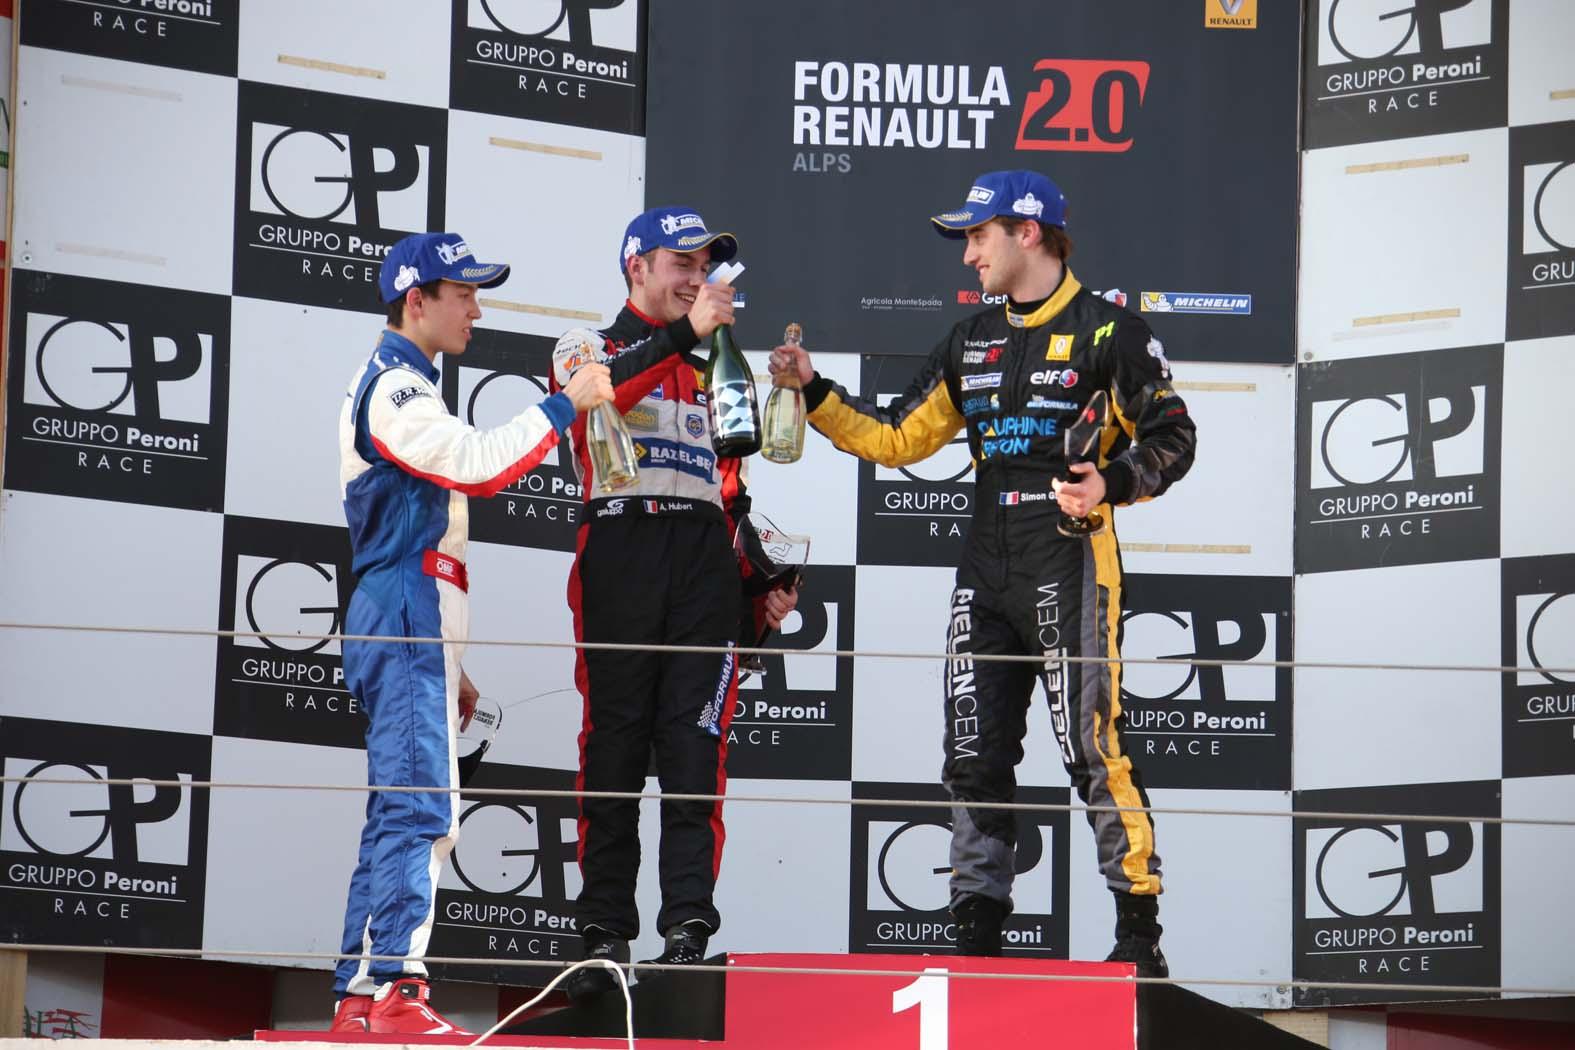 F. Renault 2.0: pole e vittoria di Hubert in Gara 1